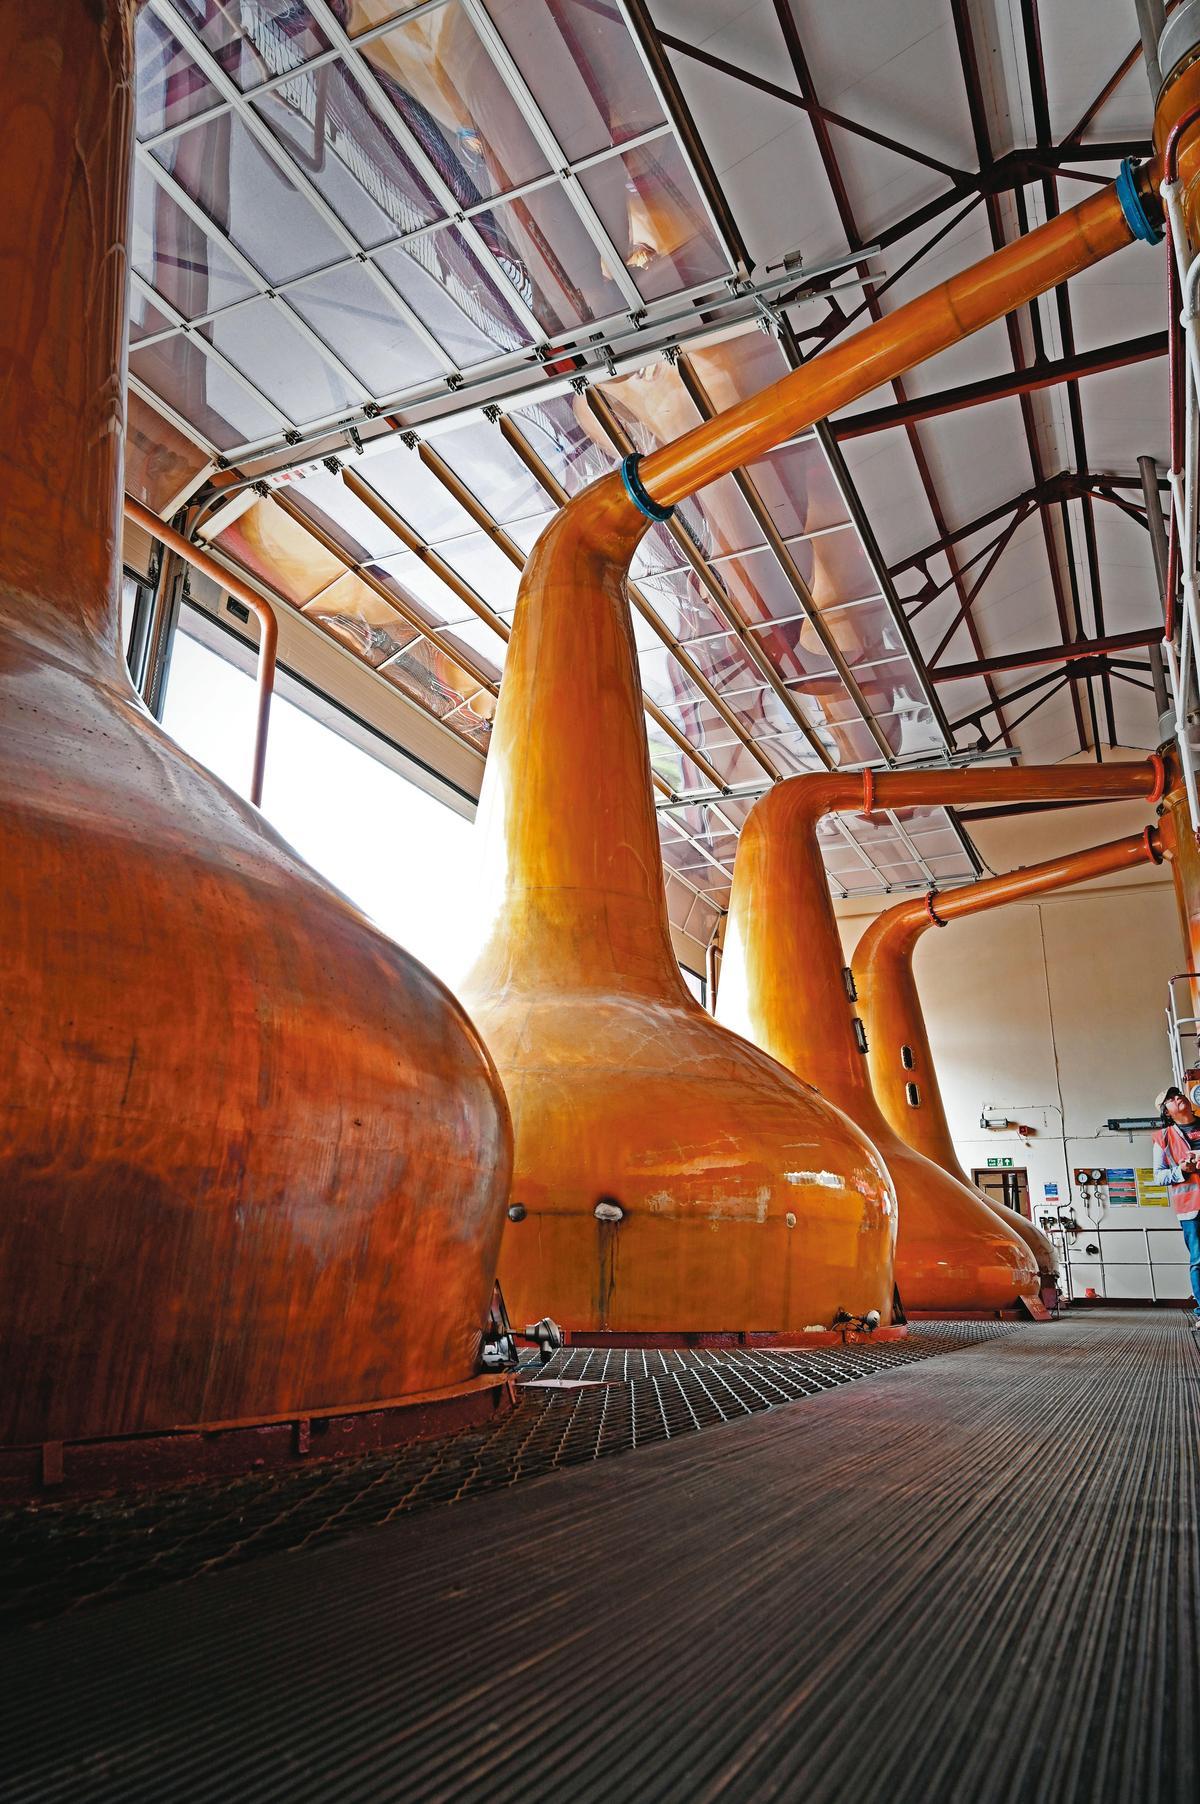 皇家柏克萊酒廠有4支蒸餾器,林恩臂有著或多或少的上揚角度,造就了新酒酒體的優雅細緻。